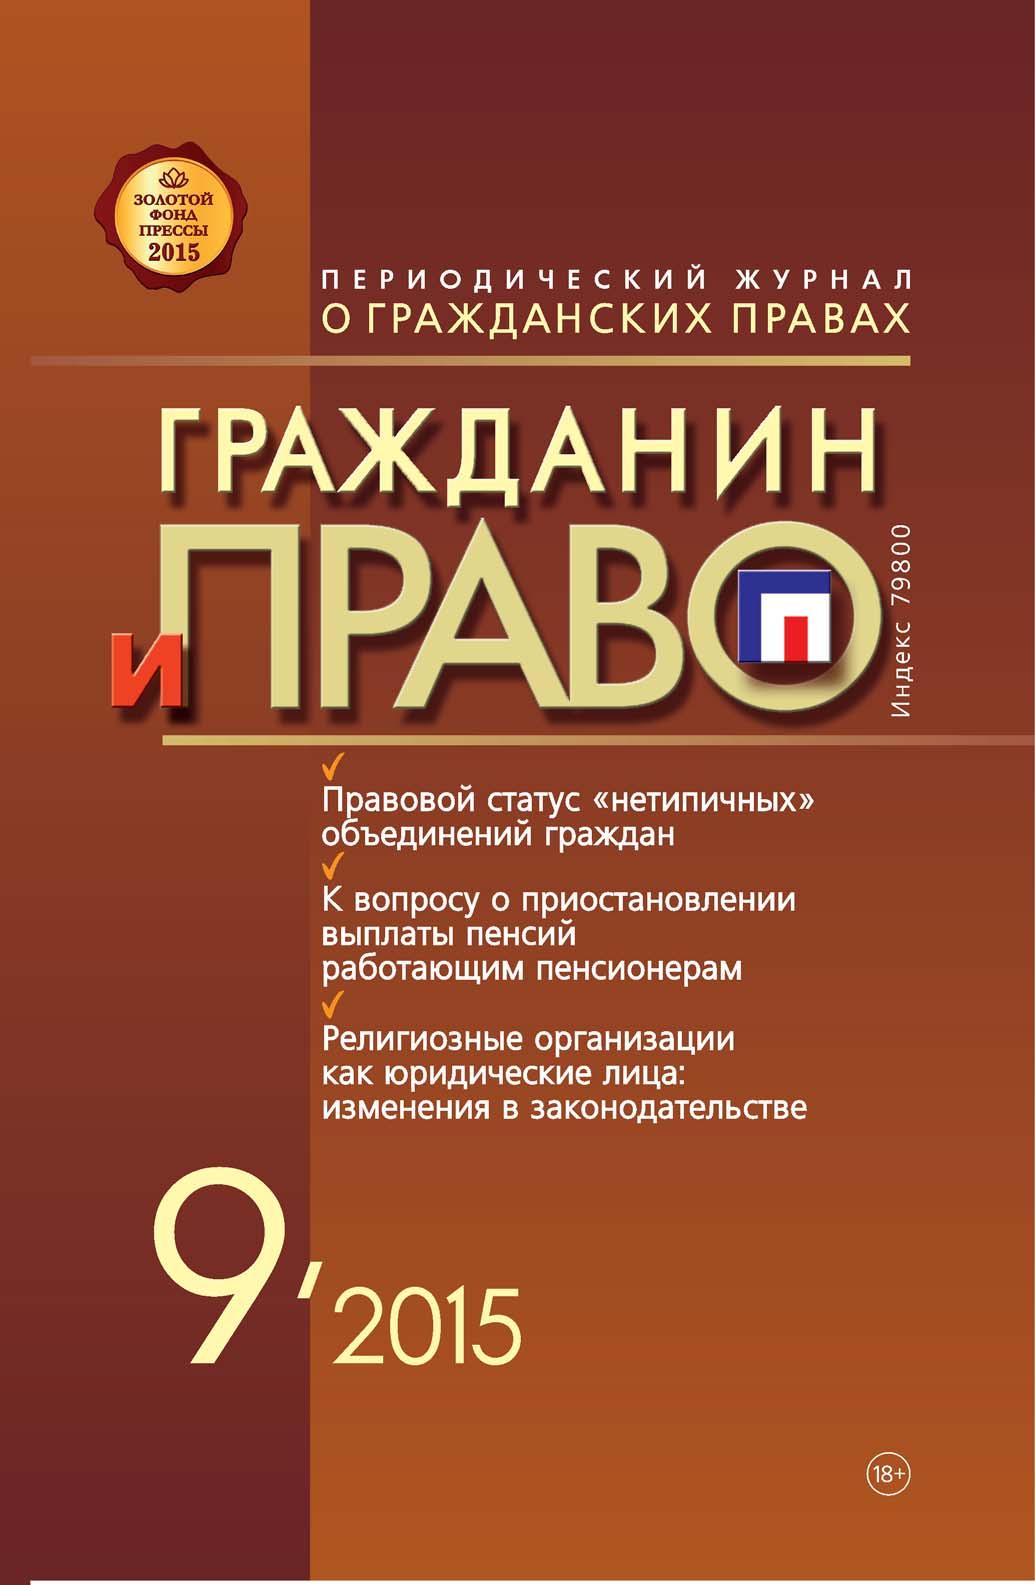 цена на Отсутствует Гражданин и право №09/2015